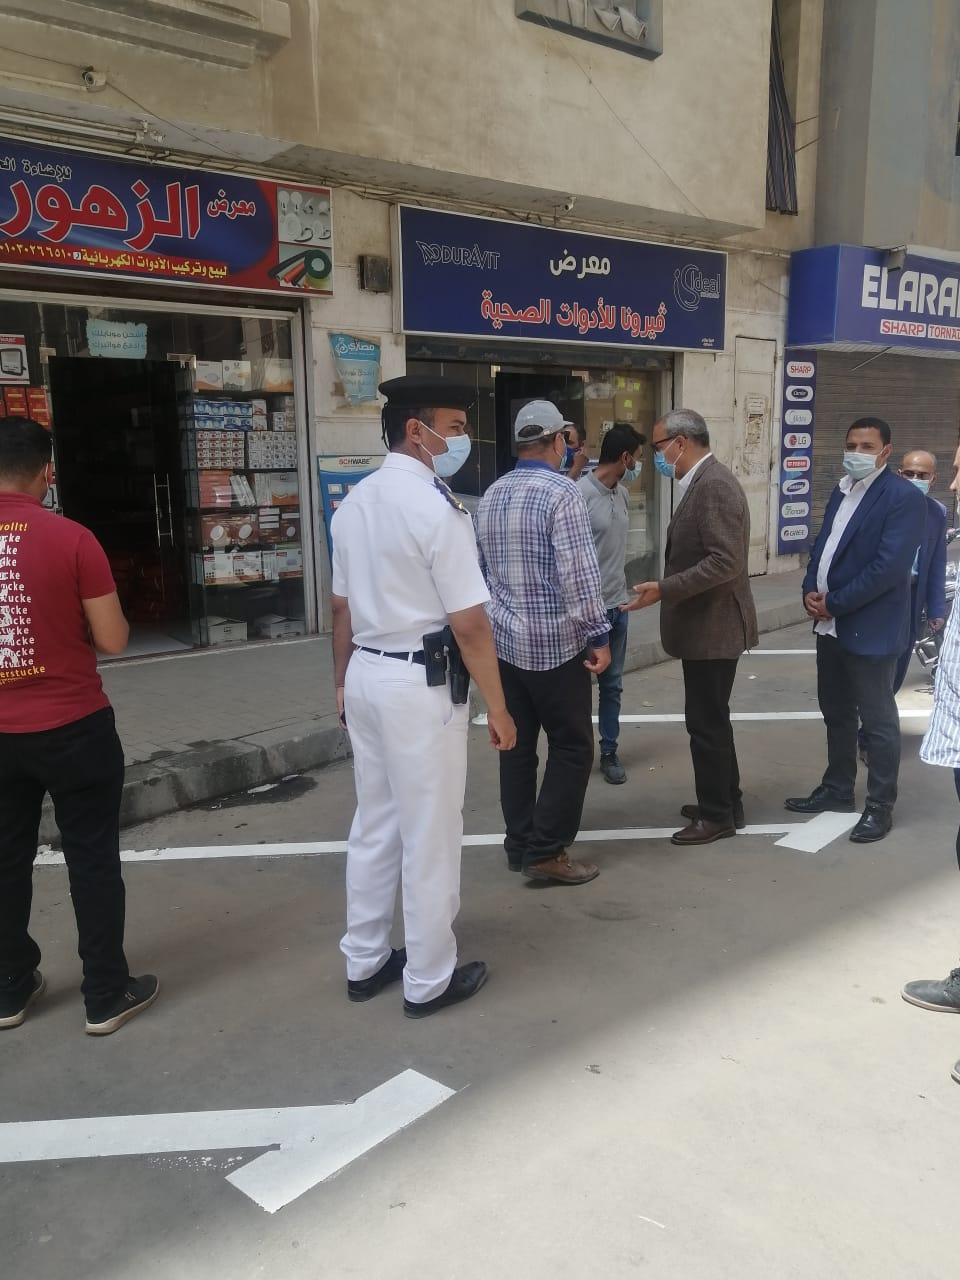 محافظ القليوبية يتابع أعمال تخطيط شوارع مشروع تطوير كورنيش النيل بمدينة بنها